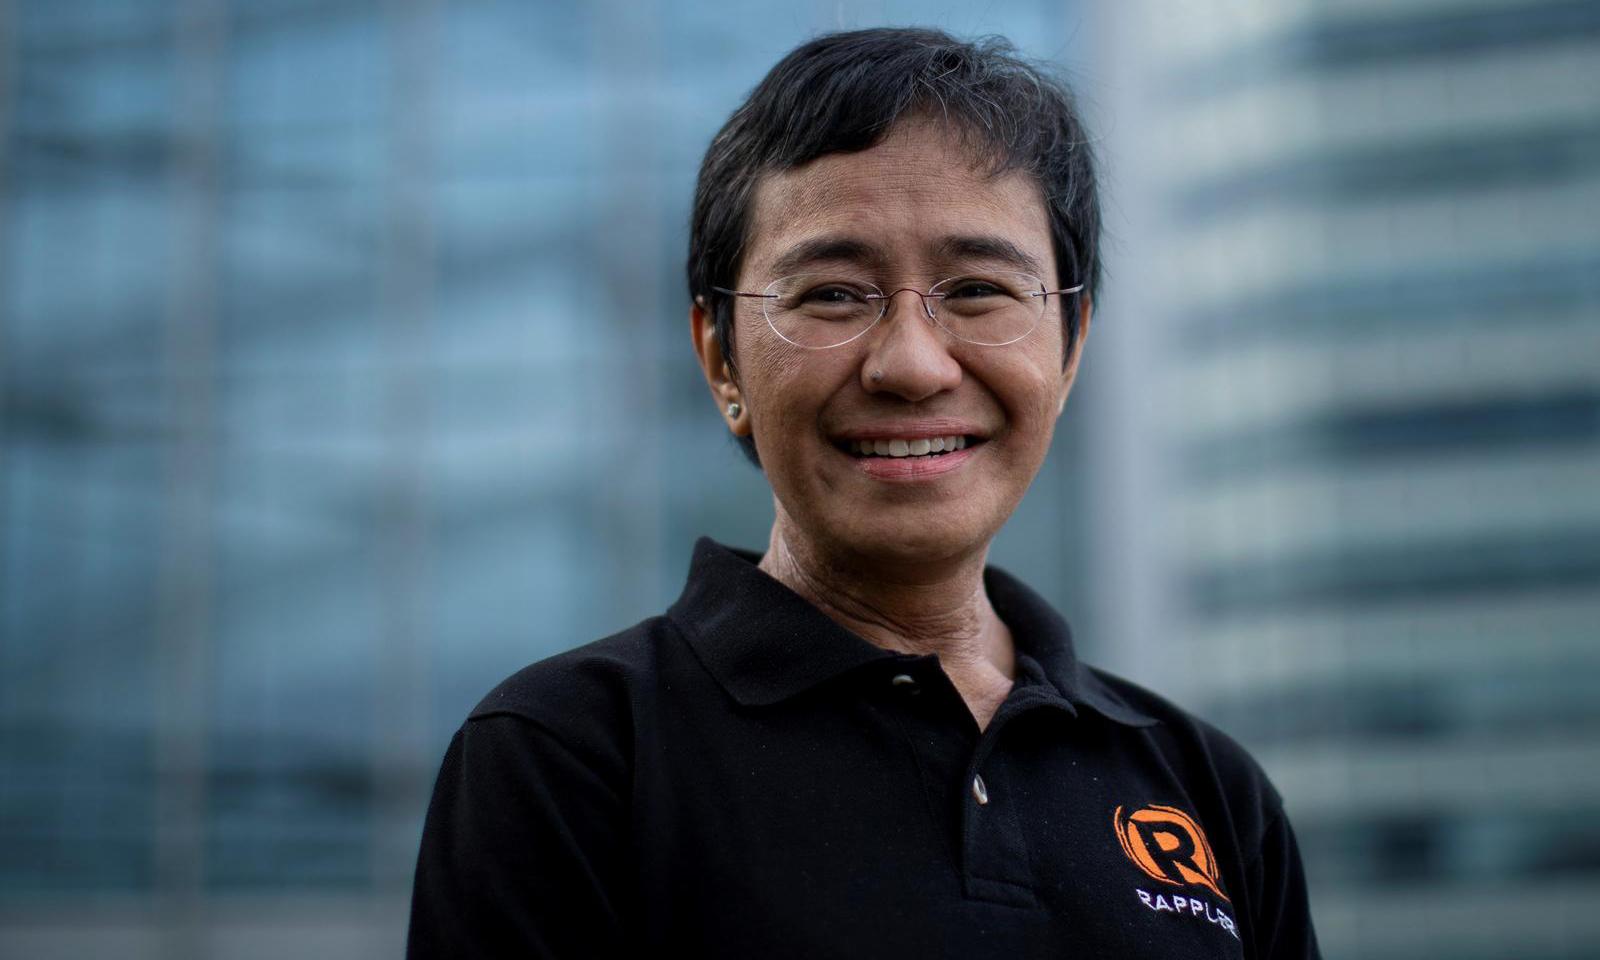 Nhà báo Maria Ressa, một trong hai chủ nhân giải Nobel Hòa bình 2021, tại thành phố Taguig thuộc vùng đô thị Manila, Philippines, hôm 9/10. Ảnh: Reuters.